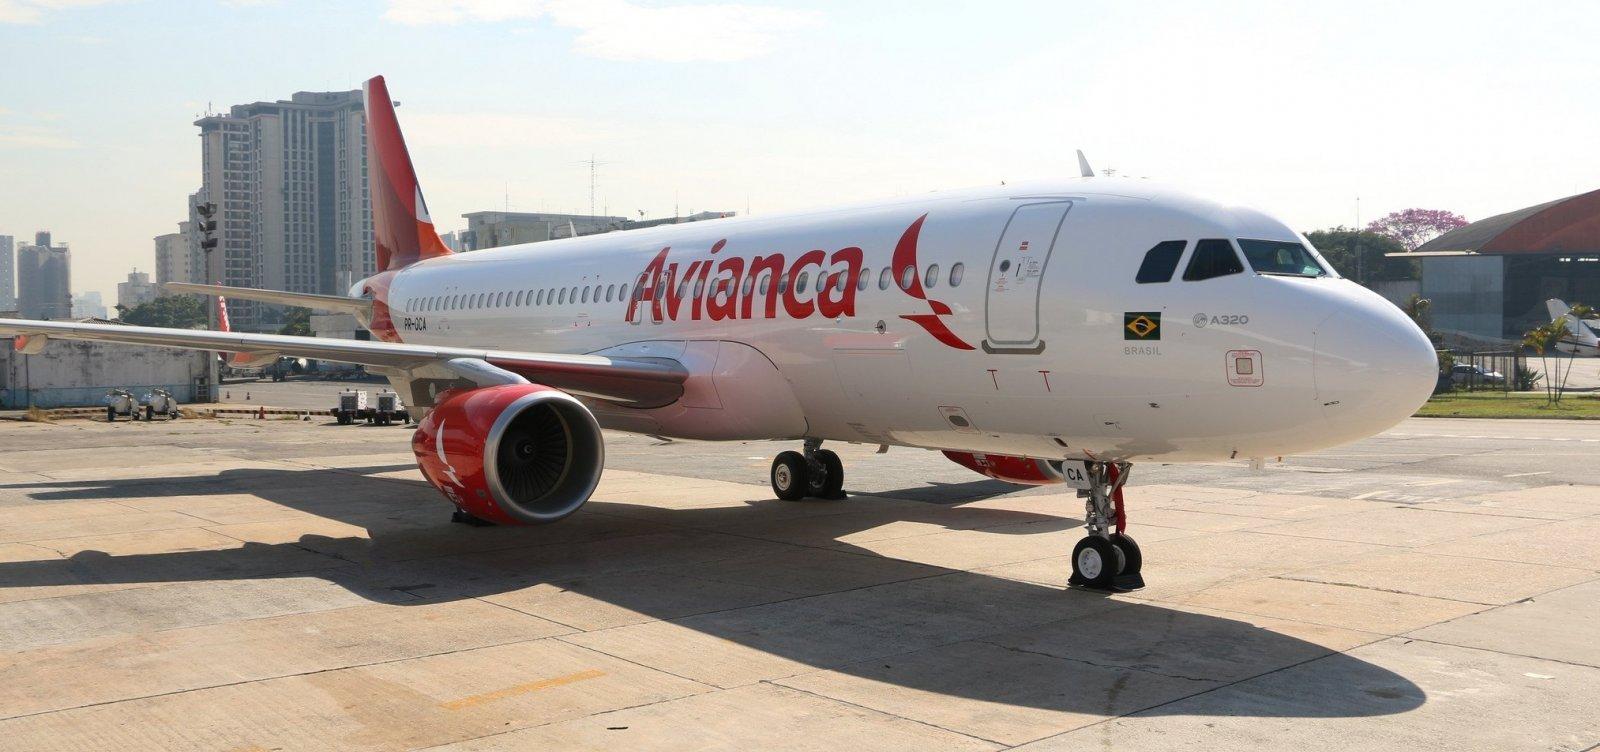 Voos da Avianca serão autorizados se empresa repassar tarifas, diz Aeroporto de Salvador